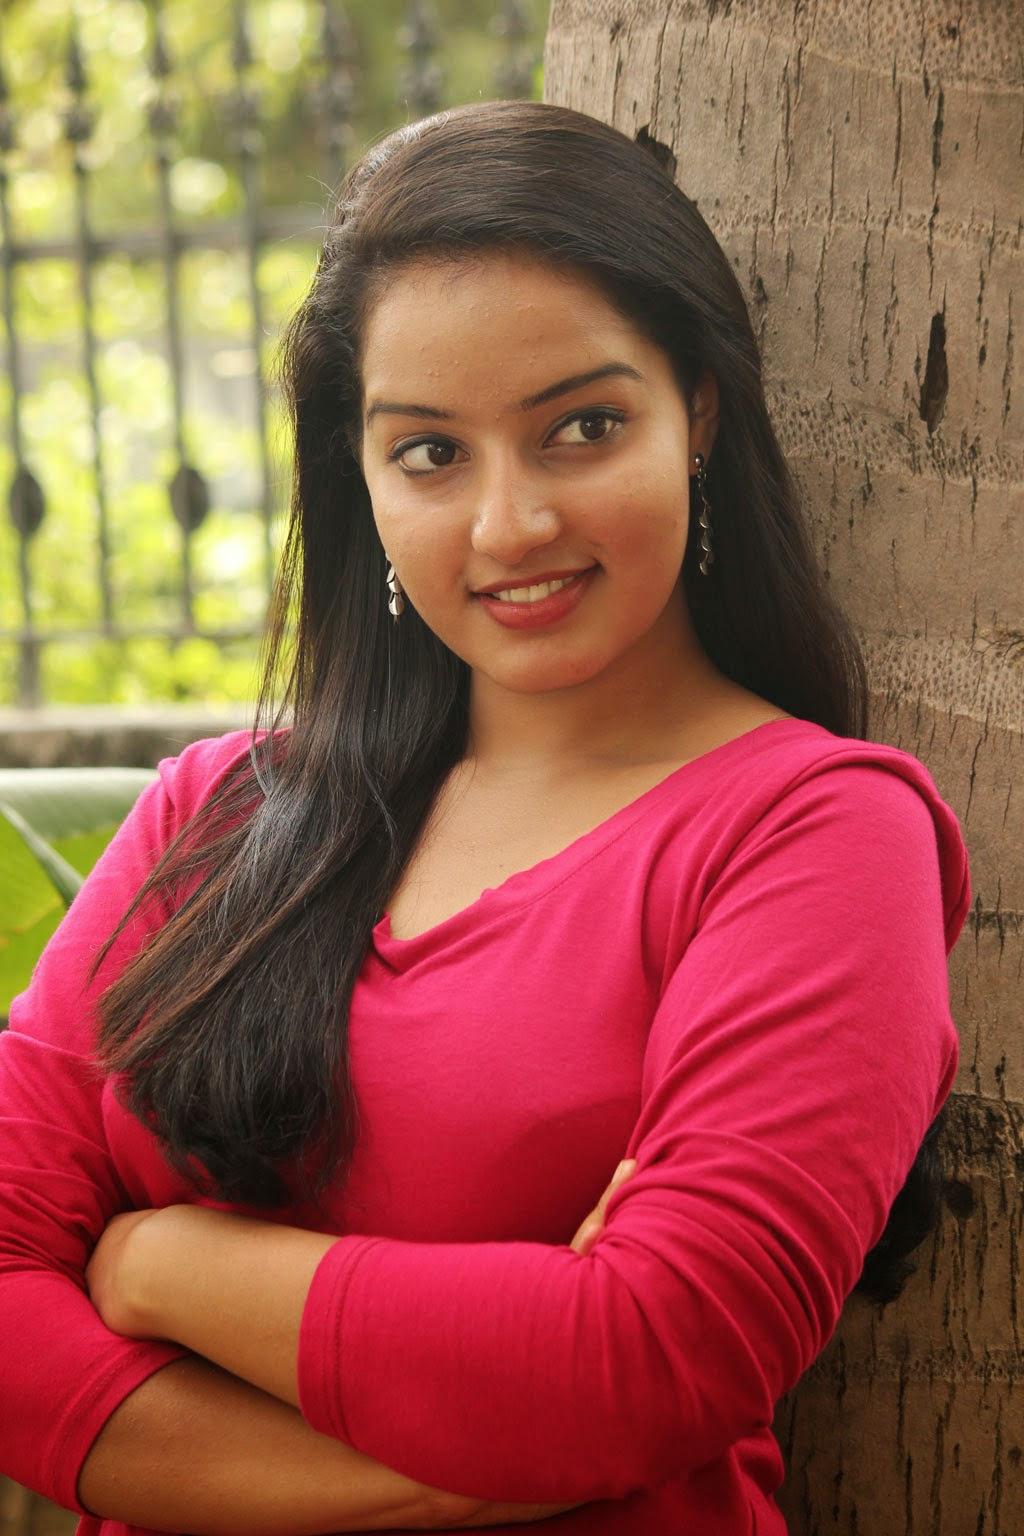 Hot Photos of Malayalam Actress Malavika Menon - idnsek